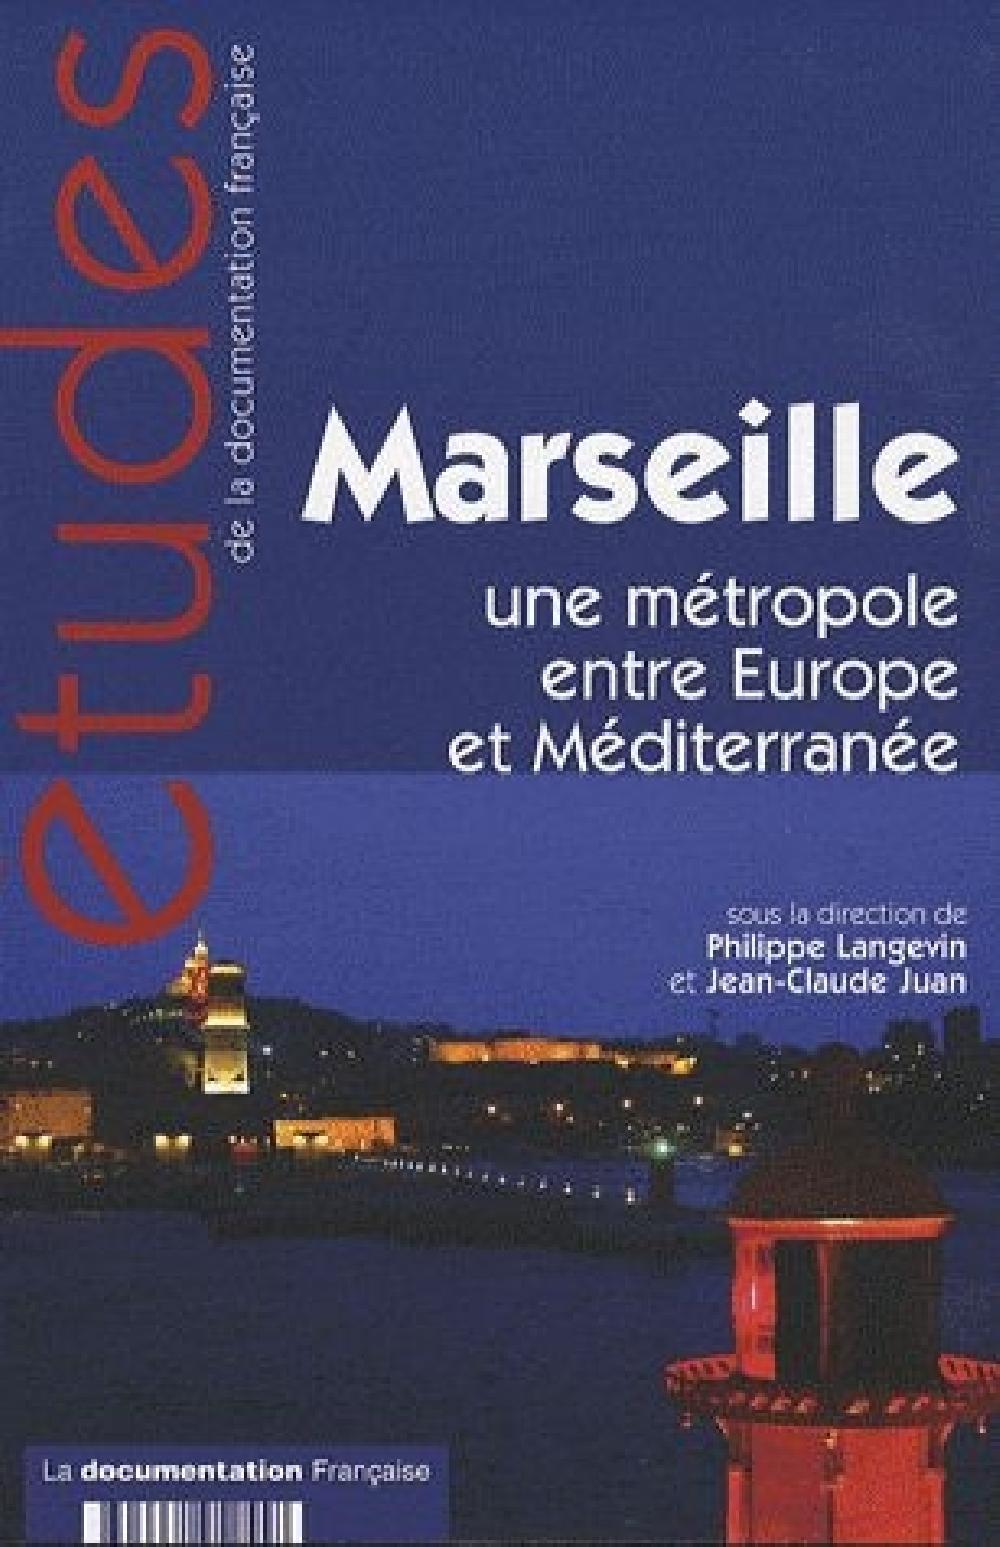 Marseille une métropole entre Europe et Méditerrannée